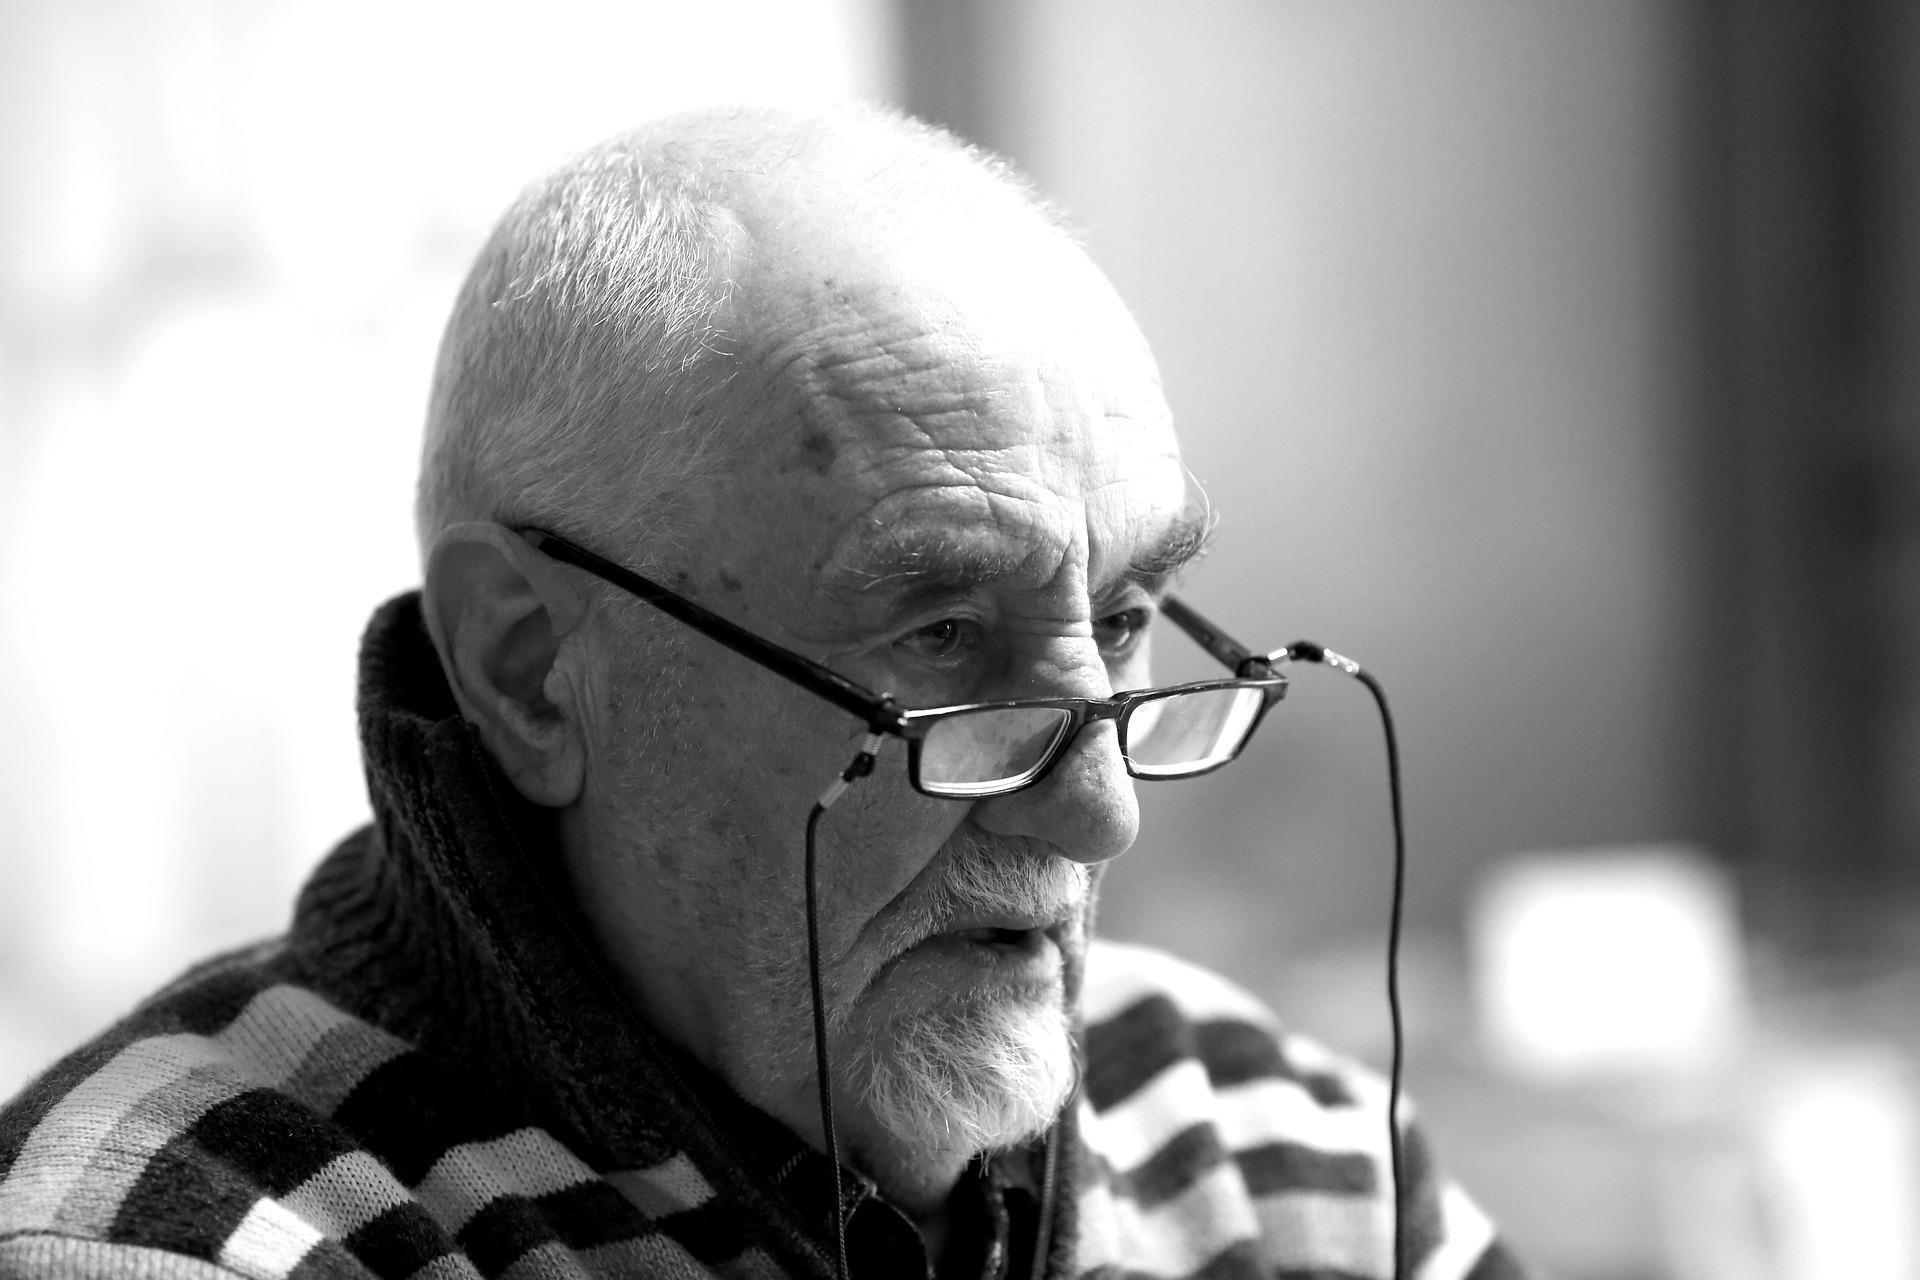 Bewegungsspiel Senioren - 20 Bewegungsspiele Senioren!